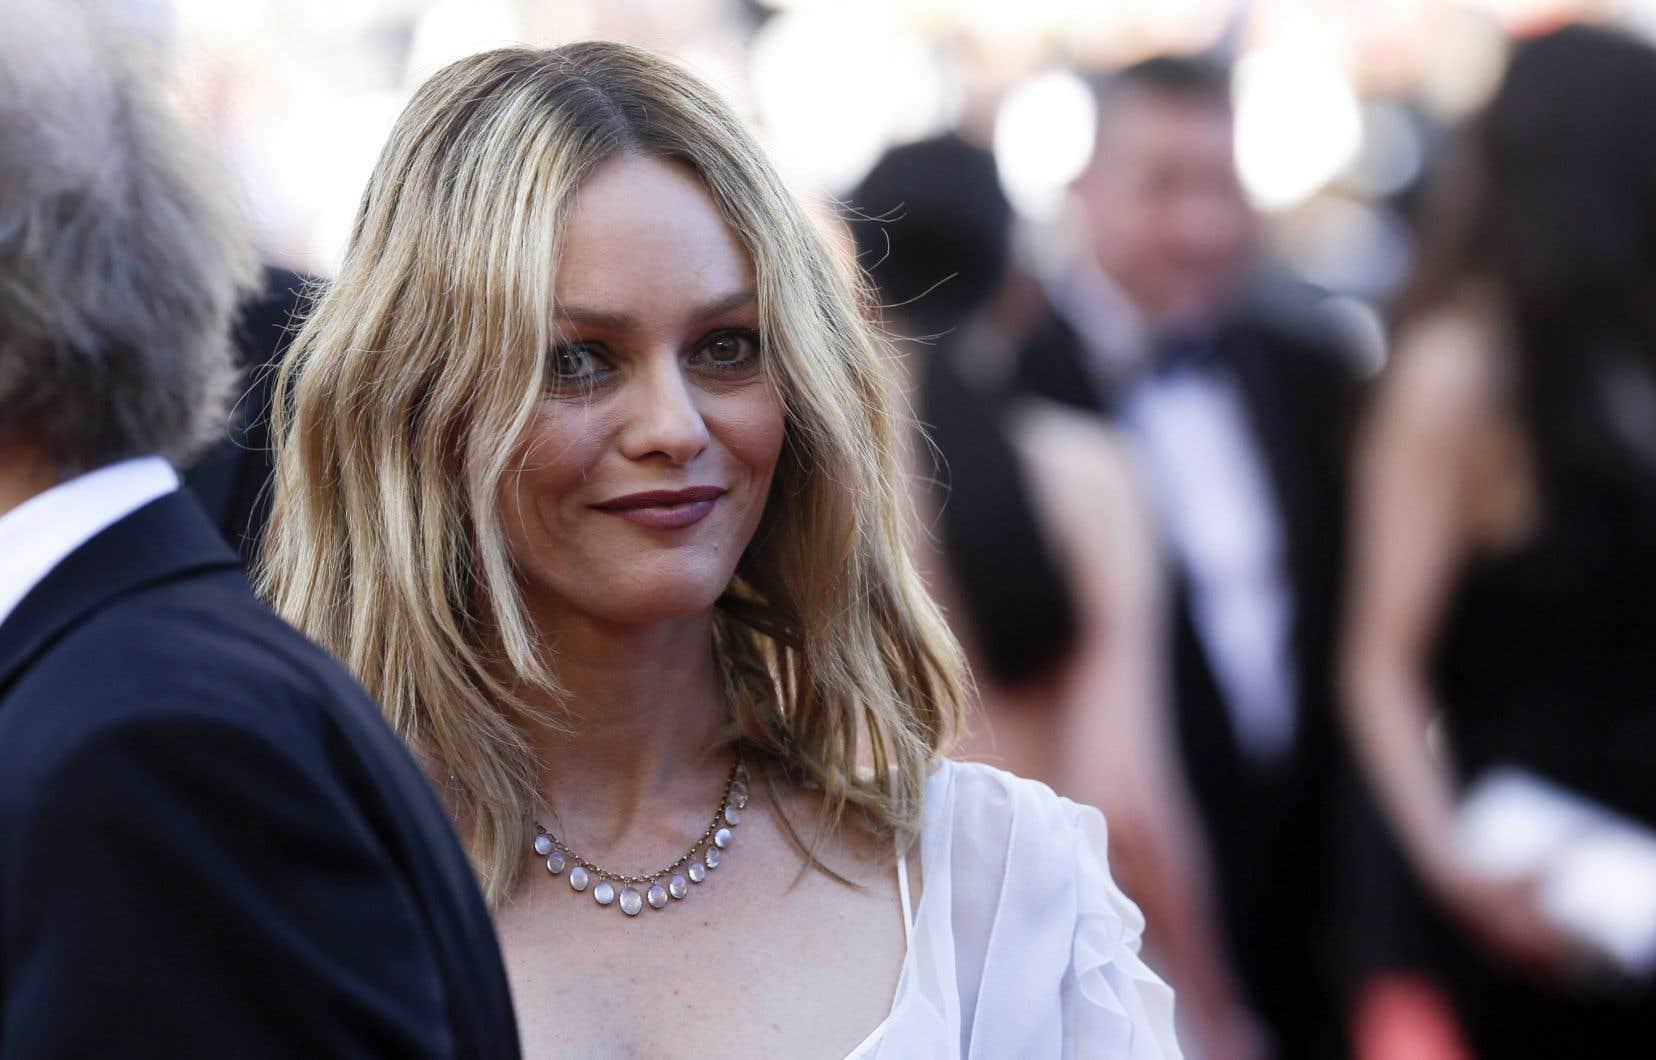 Avant les Césars, actrices et réalisatrices s'unissent contre les violences — MeToo